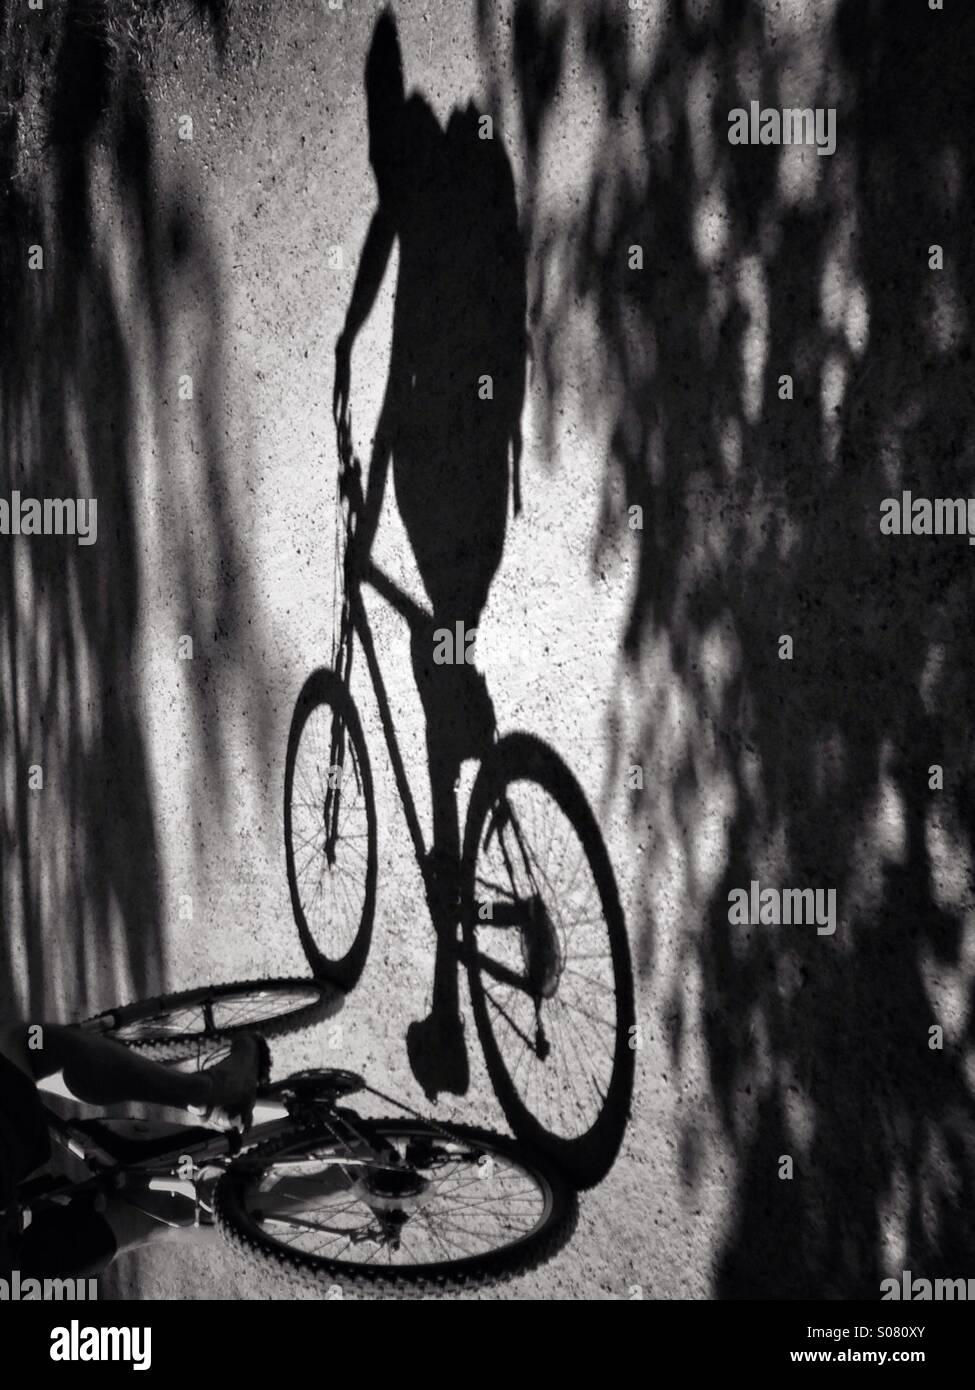 Las bicicletas pueden cambiar, pero el ciclismo es intemporal. Imagen De Stock